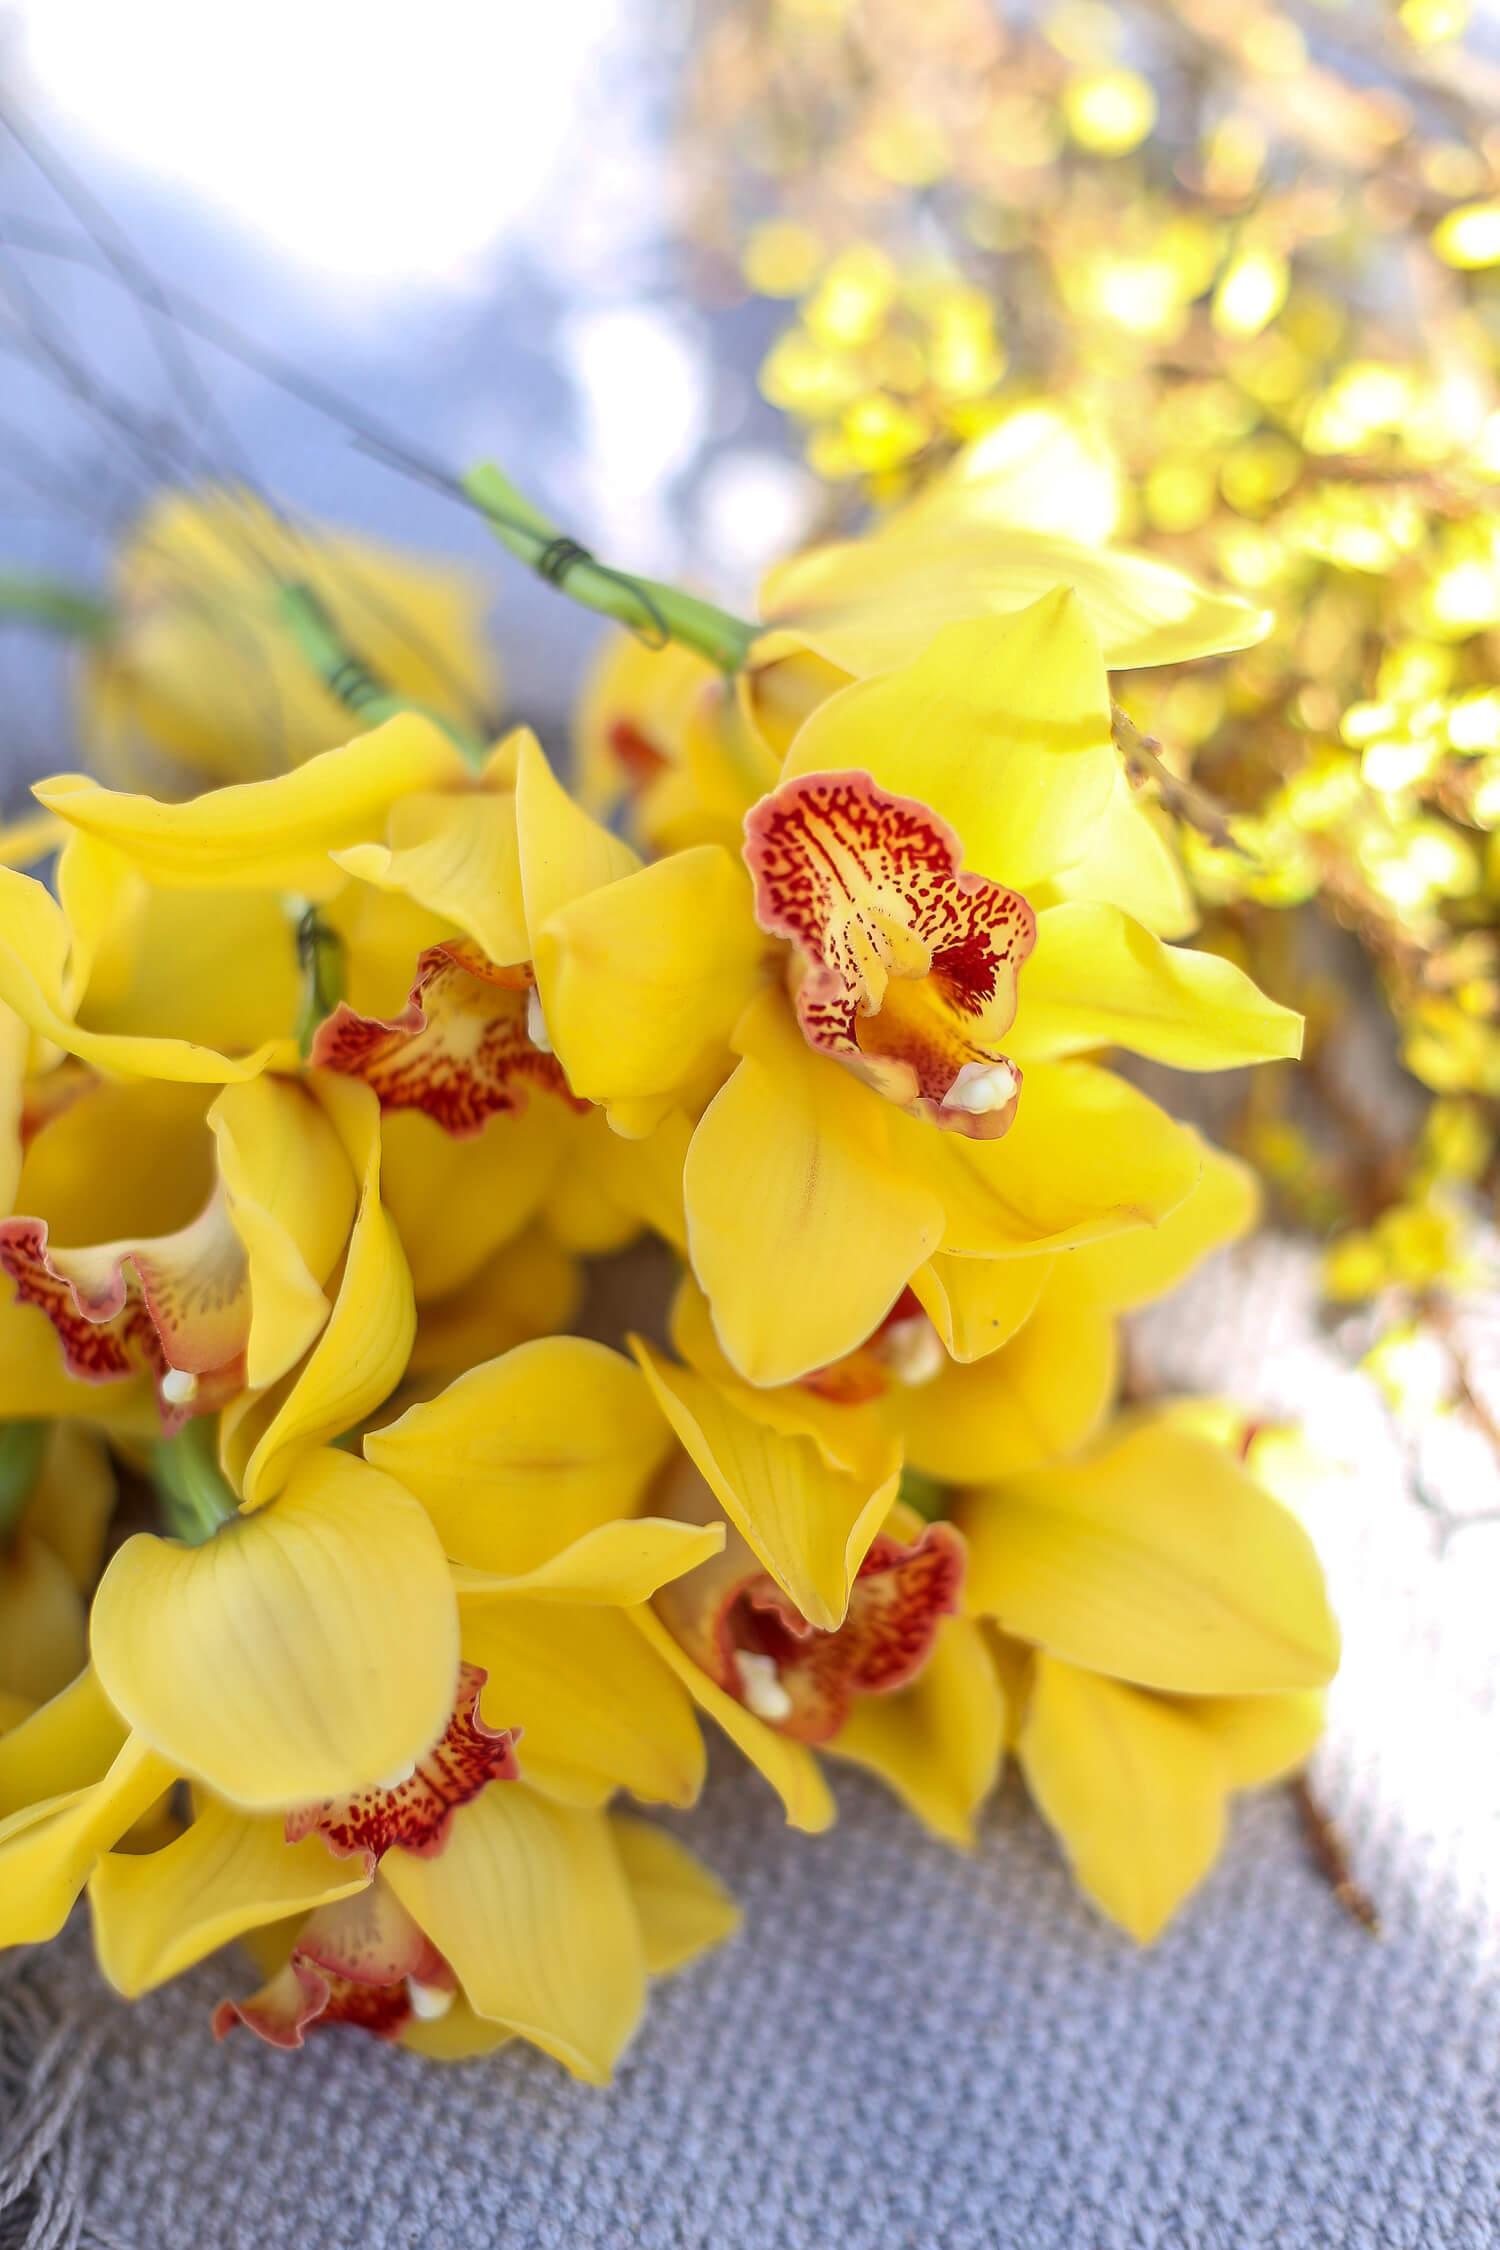 Keltaiset orkidean kellot on langoitettu rautalangalla vartensa päästä.